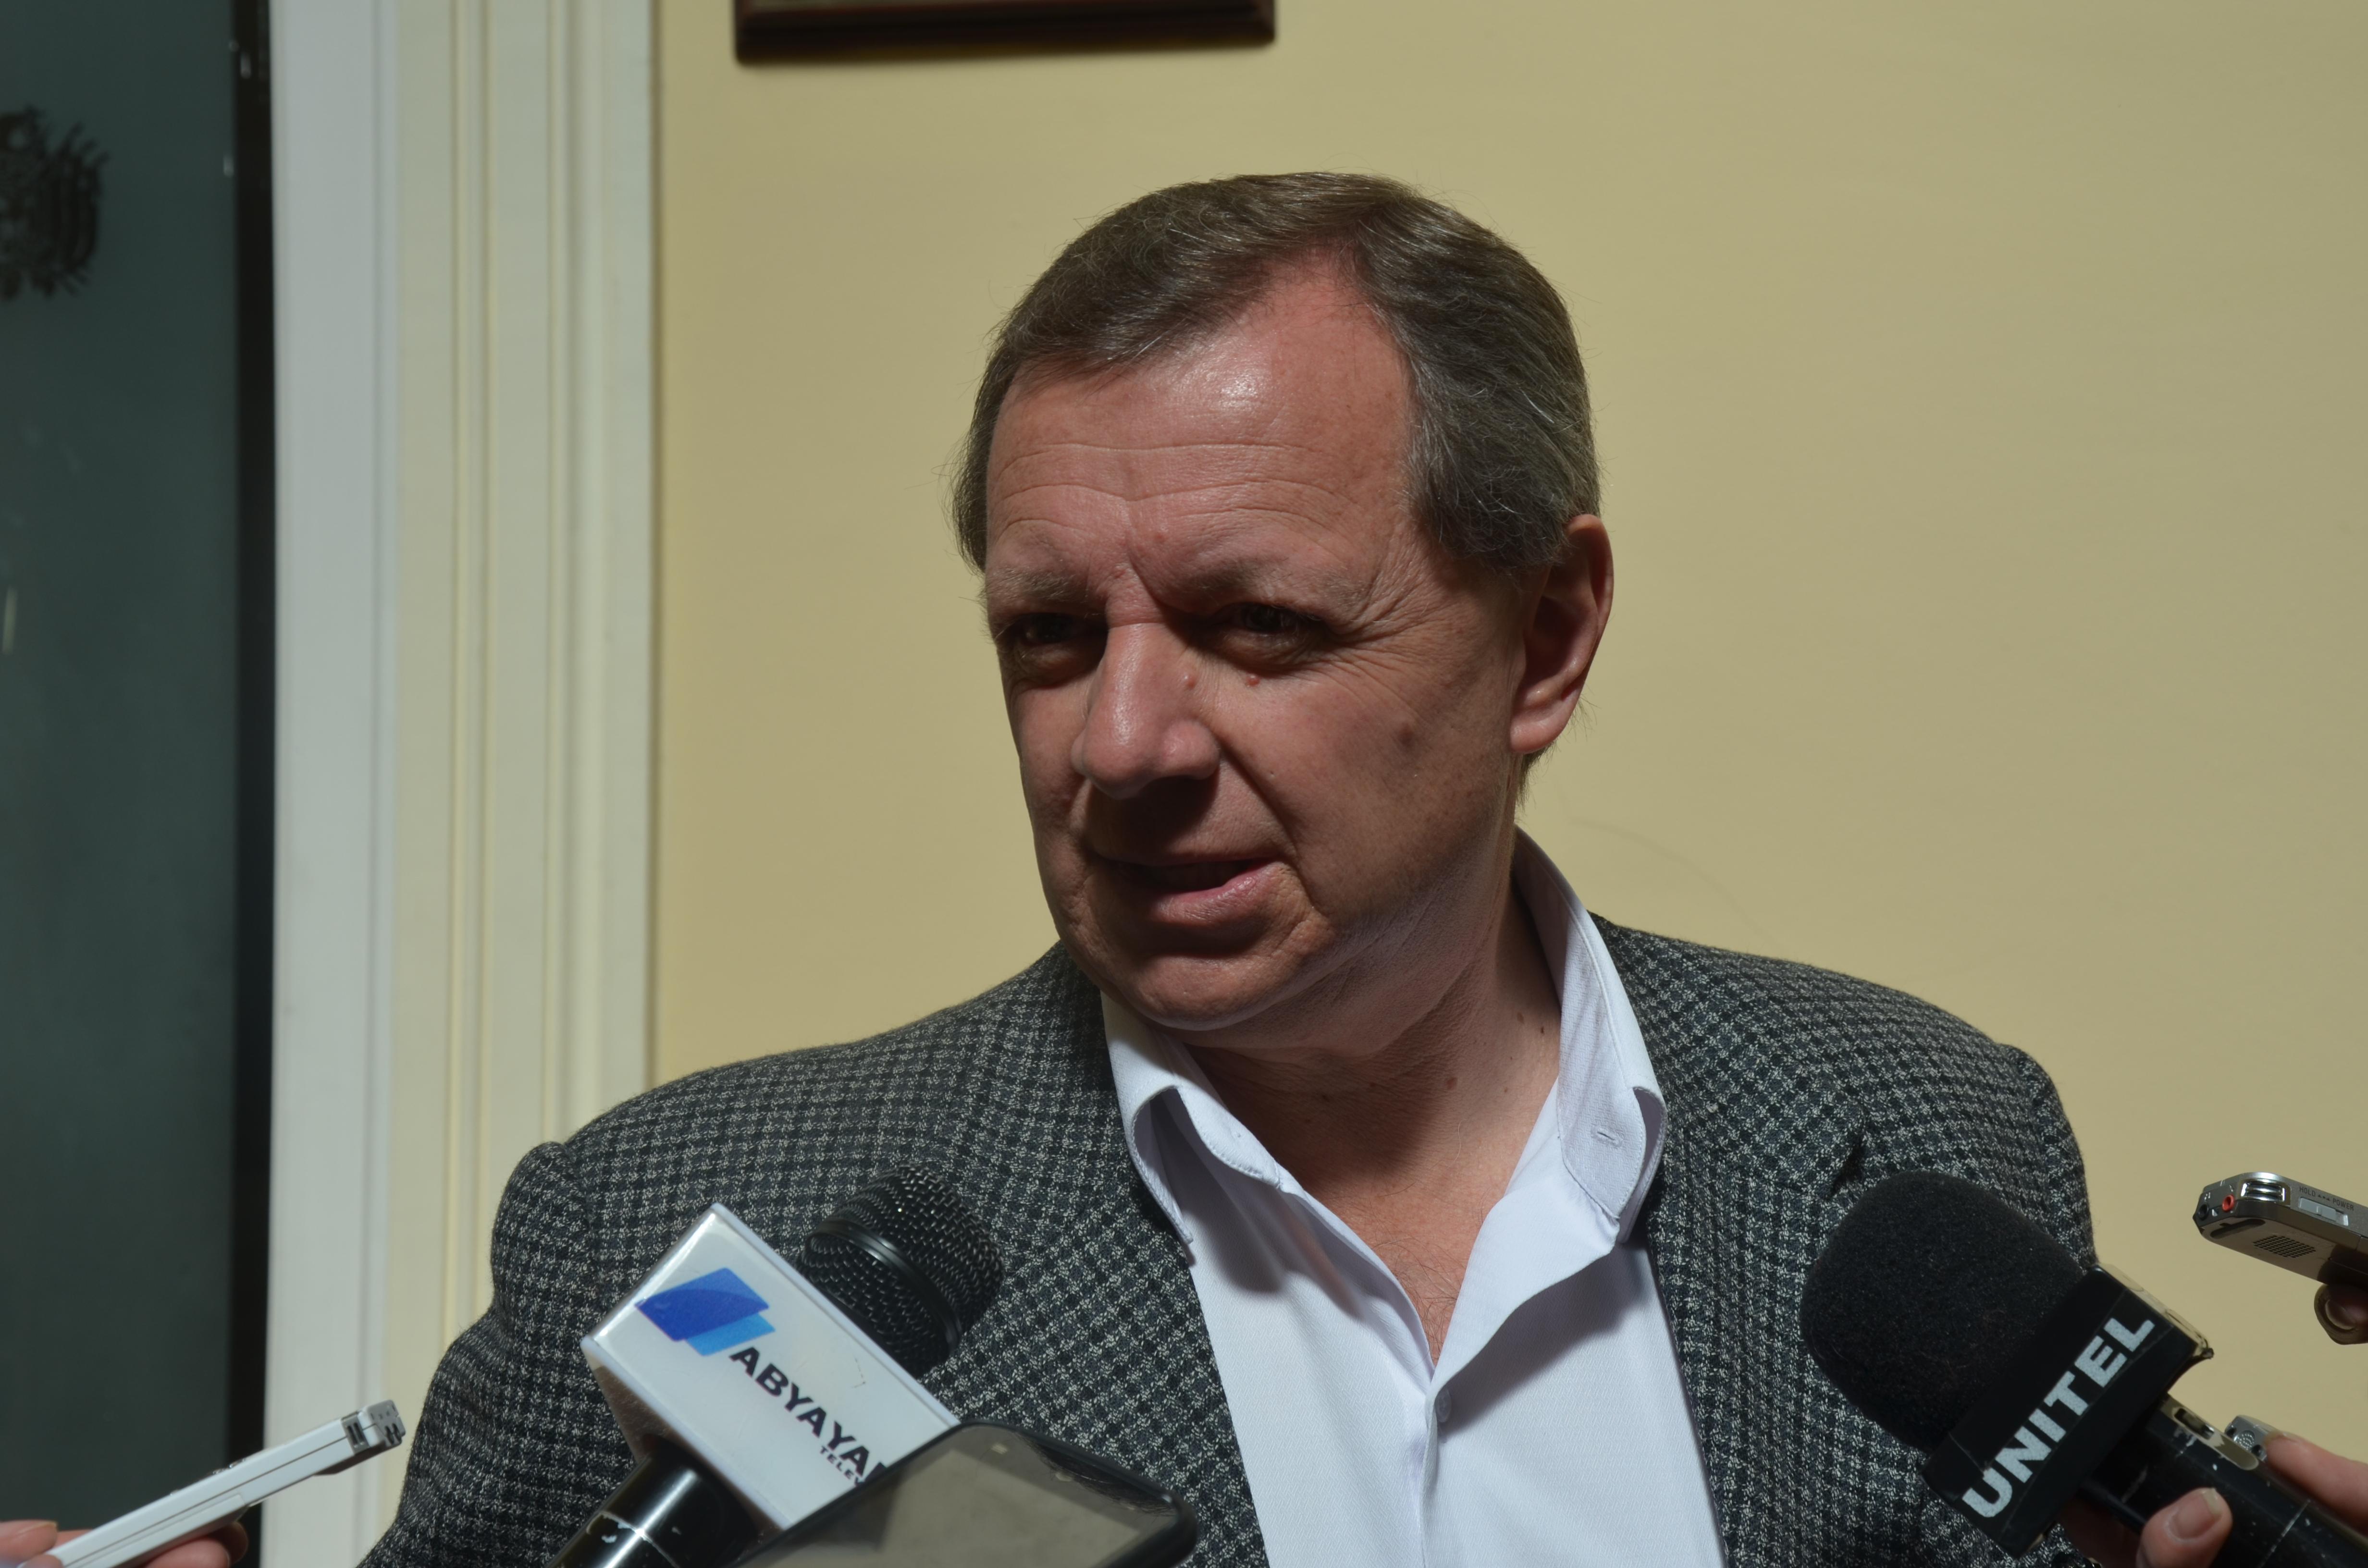 Gonzales: Lo importante es que mejore el trato a nuestros transportistas, ese era el propósito de la Comisión